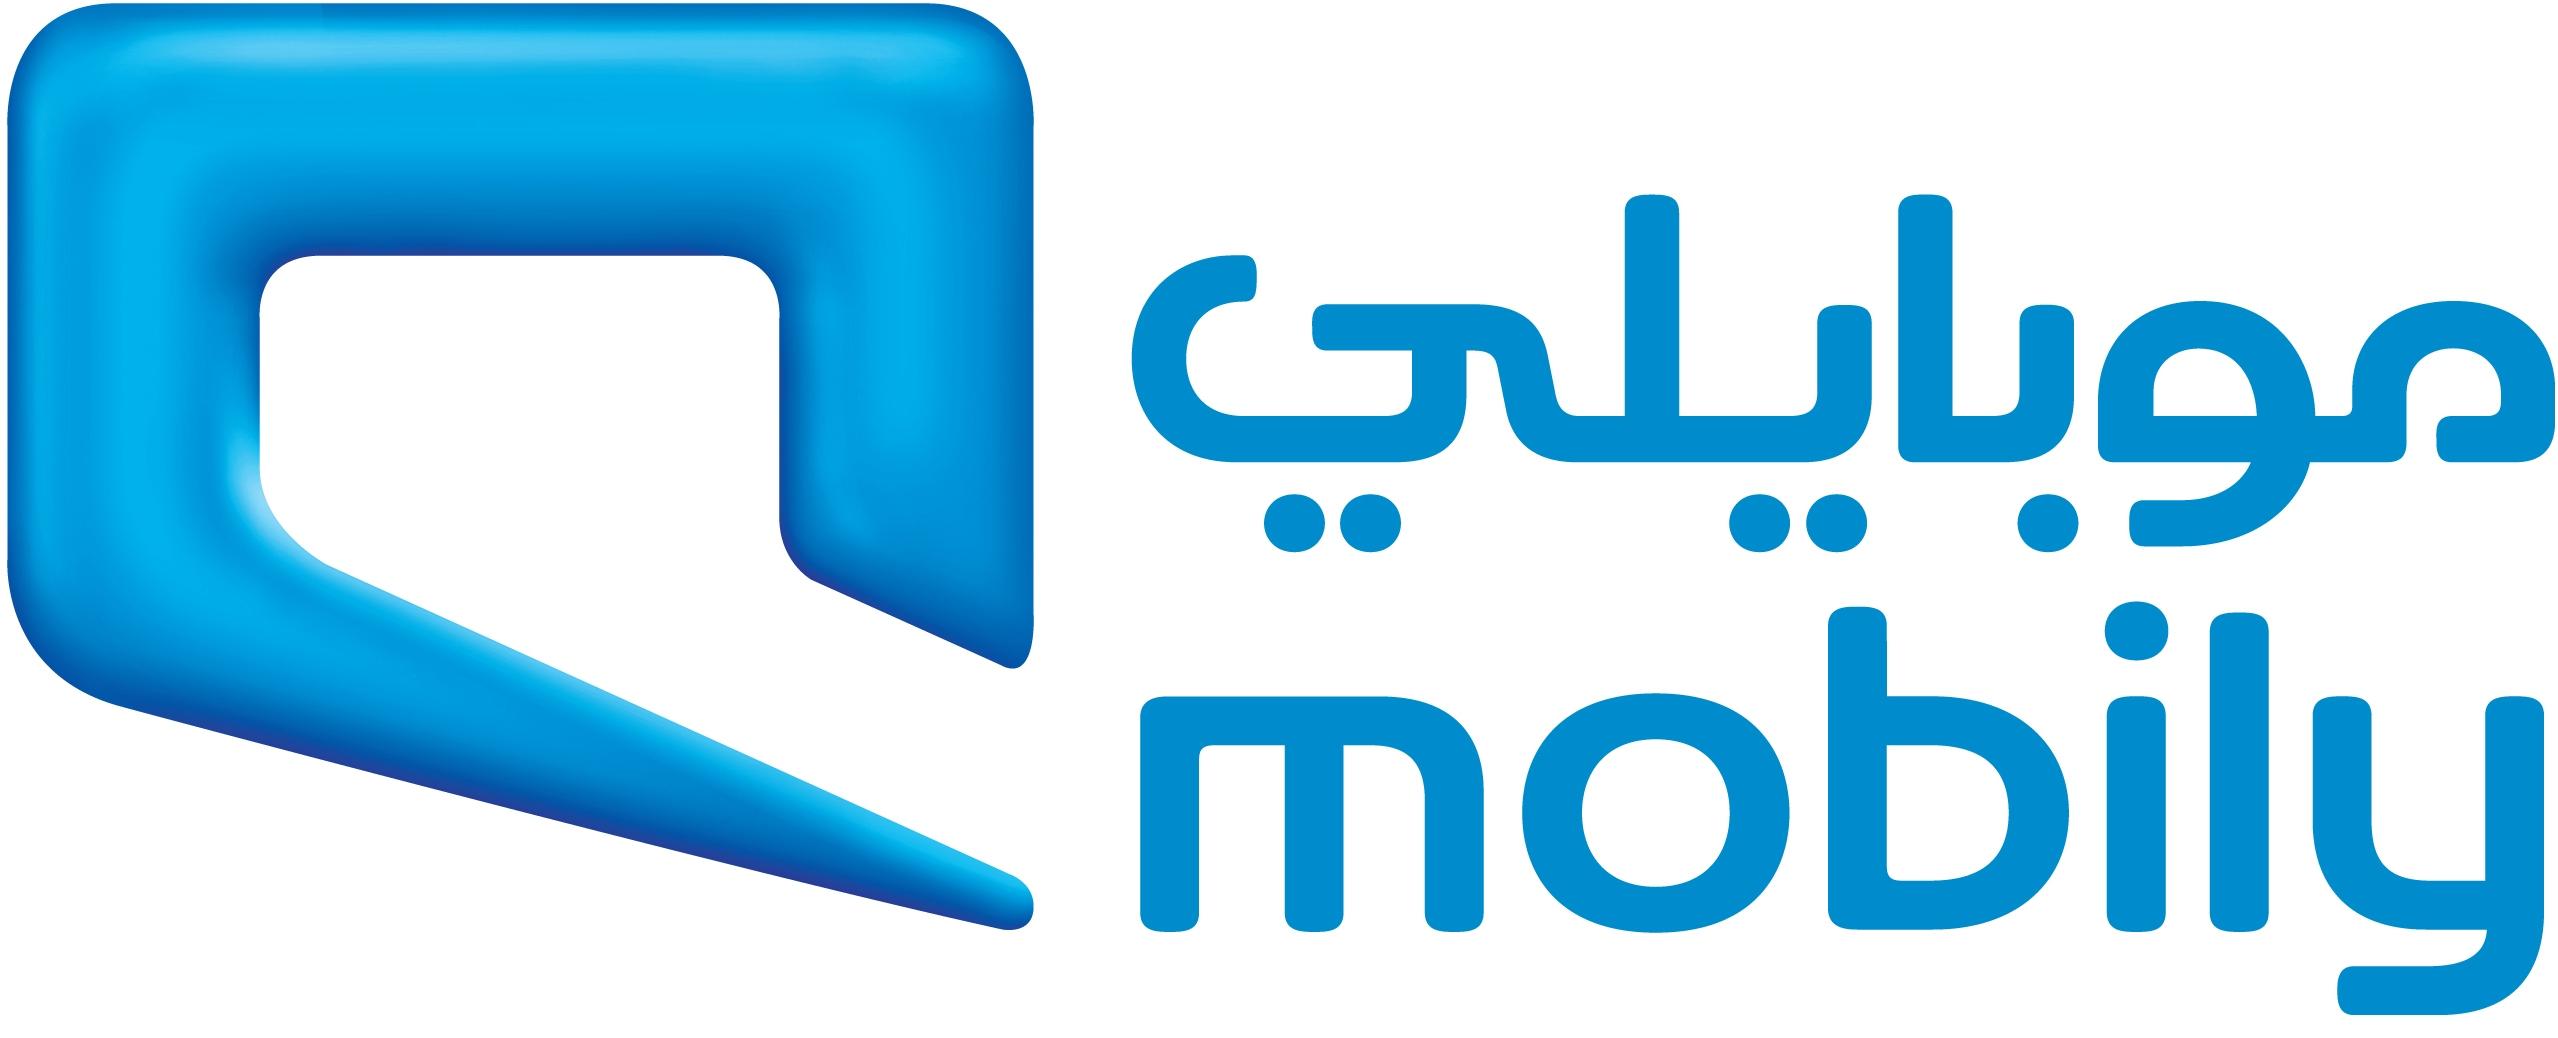 موبايلي تطلق عرض خاص للدخول إلى تويتر مجانا عالم التقنية